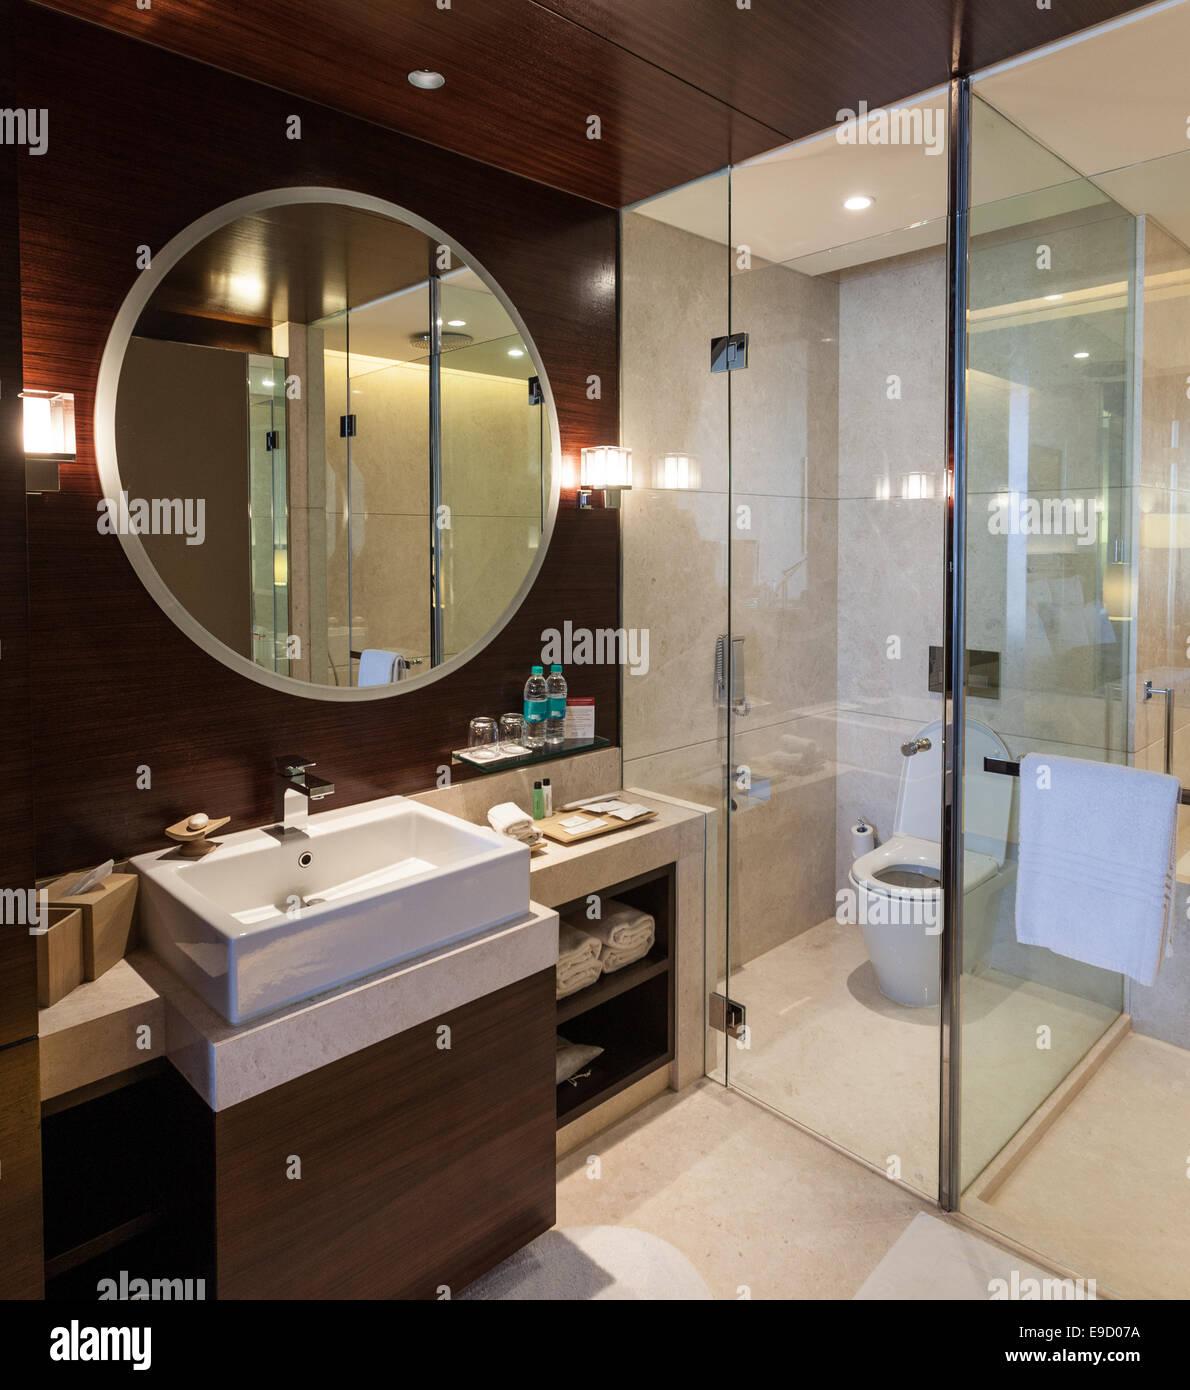 Luxus Hotel-Badezimmer Mit Voller Länge Glastüren